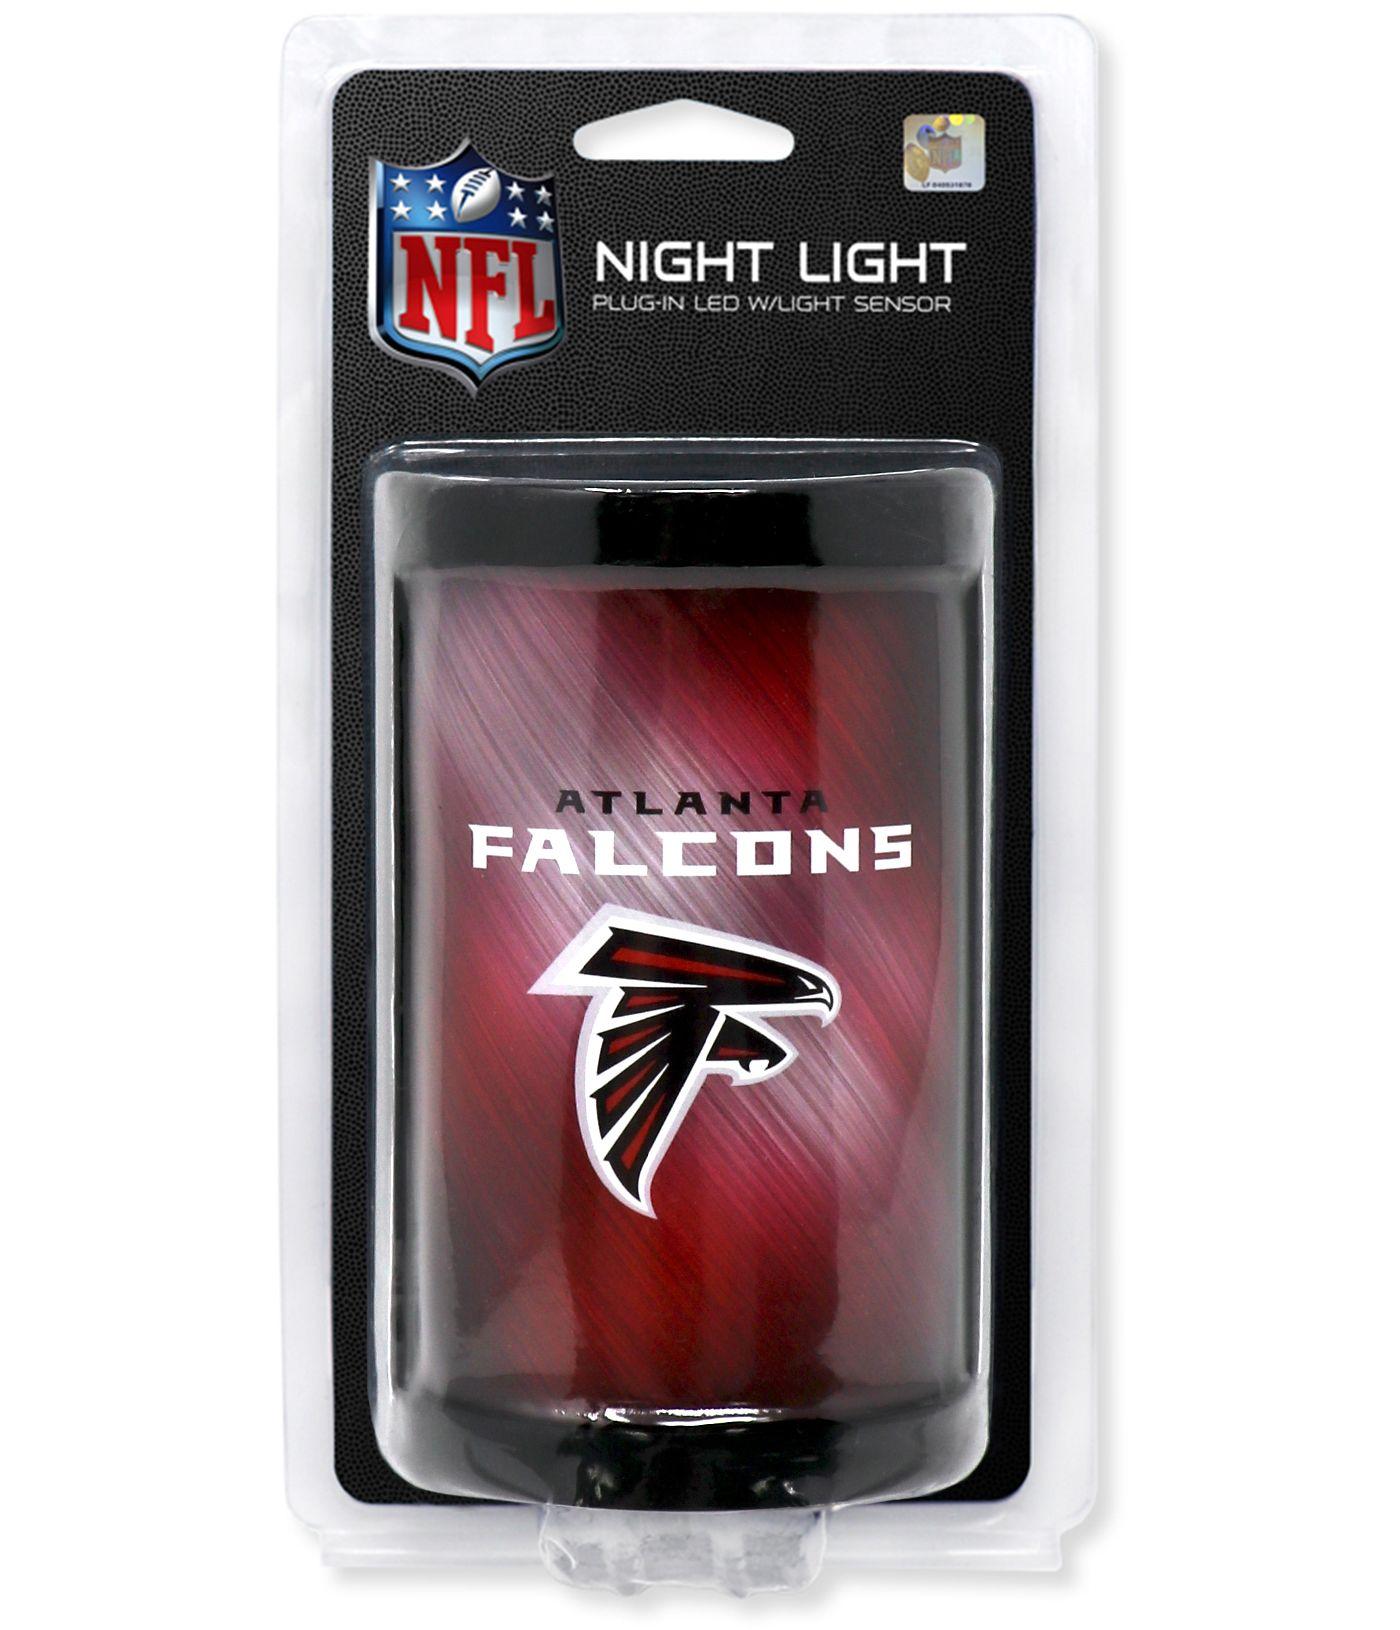 Party Animal Atlanta Falcons Night Light